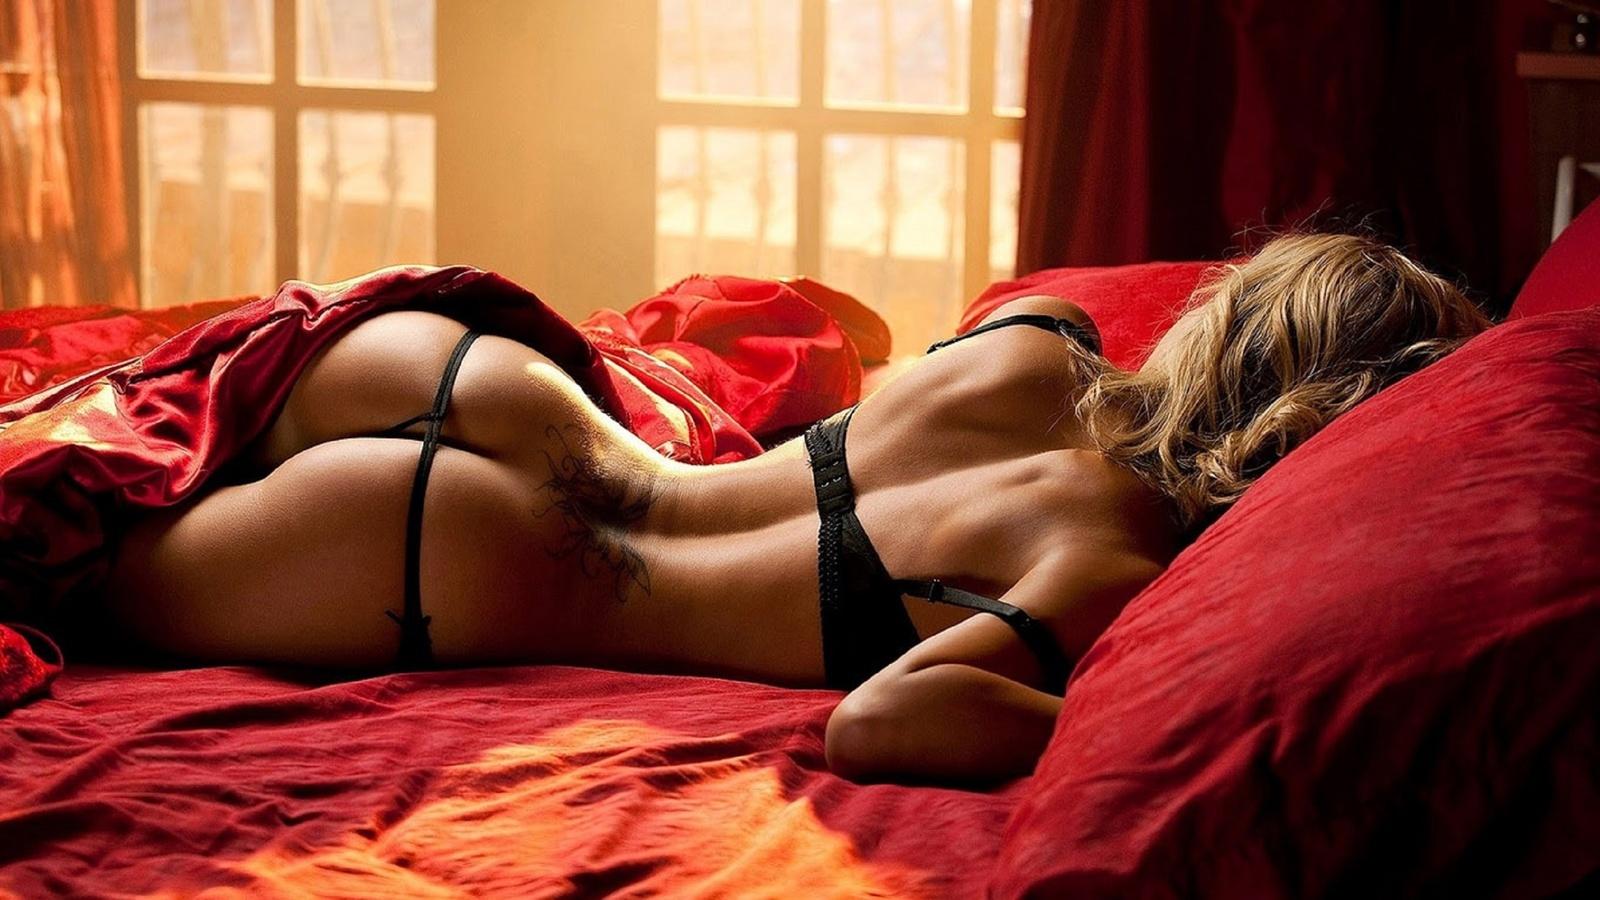 эротические фотографии красивых дам в роскошных апартаментах и спальнях знаешь